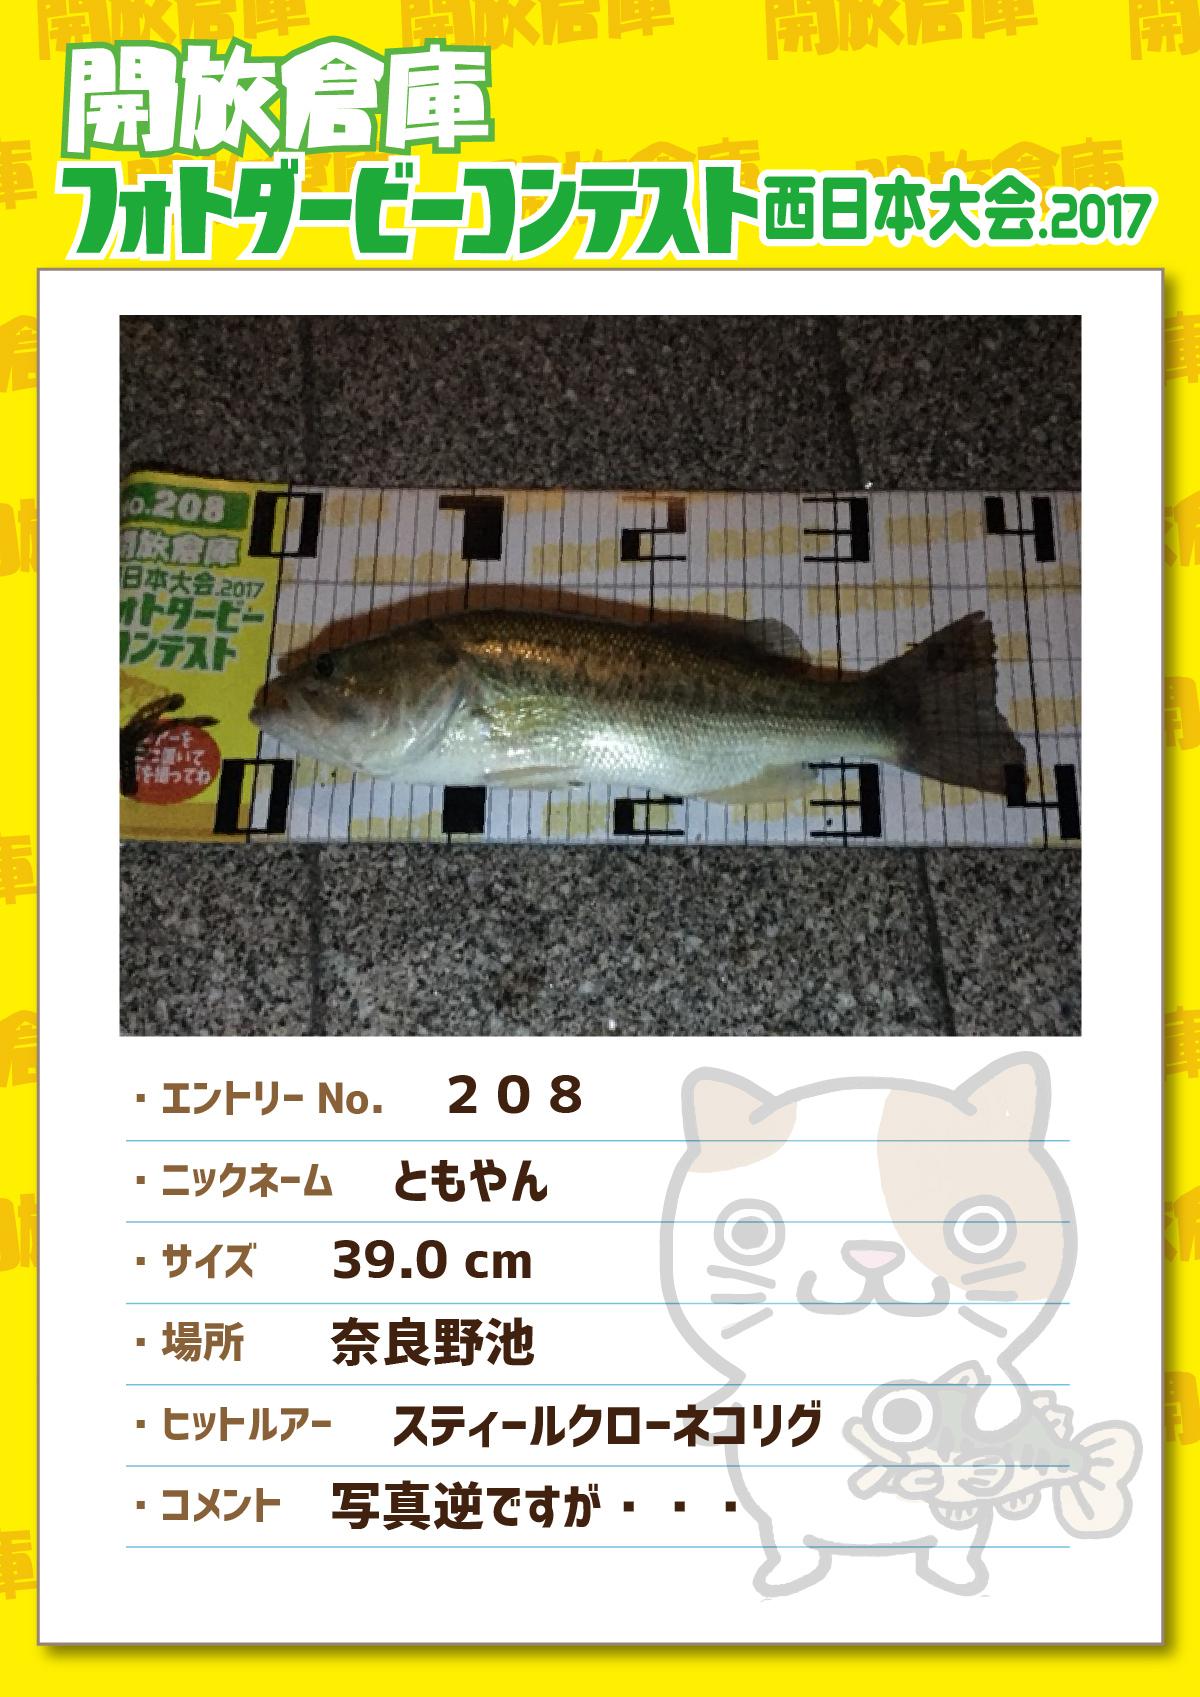 No.208 ともやん 39.0cm 奈良野池 スティールクローネコリグ 写真逆ですが・・・